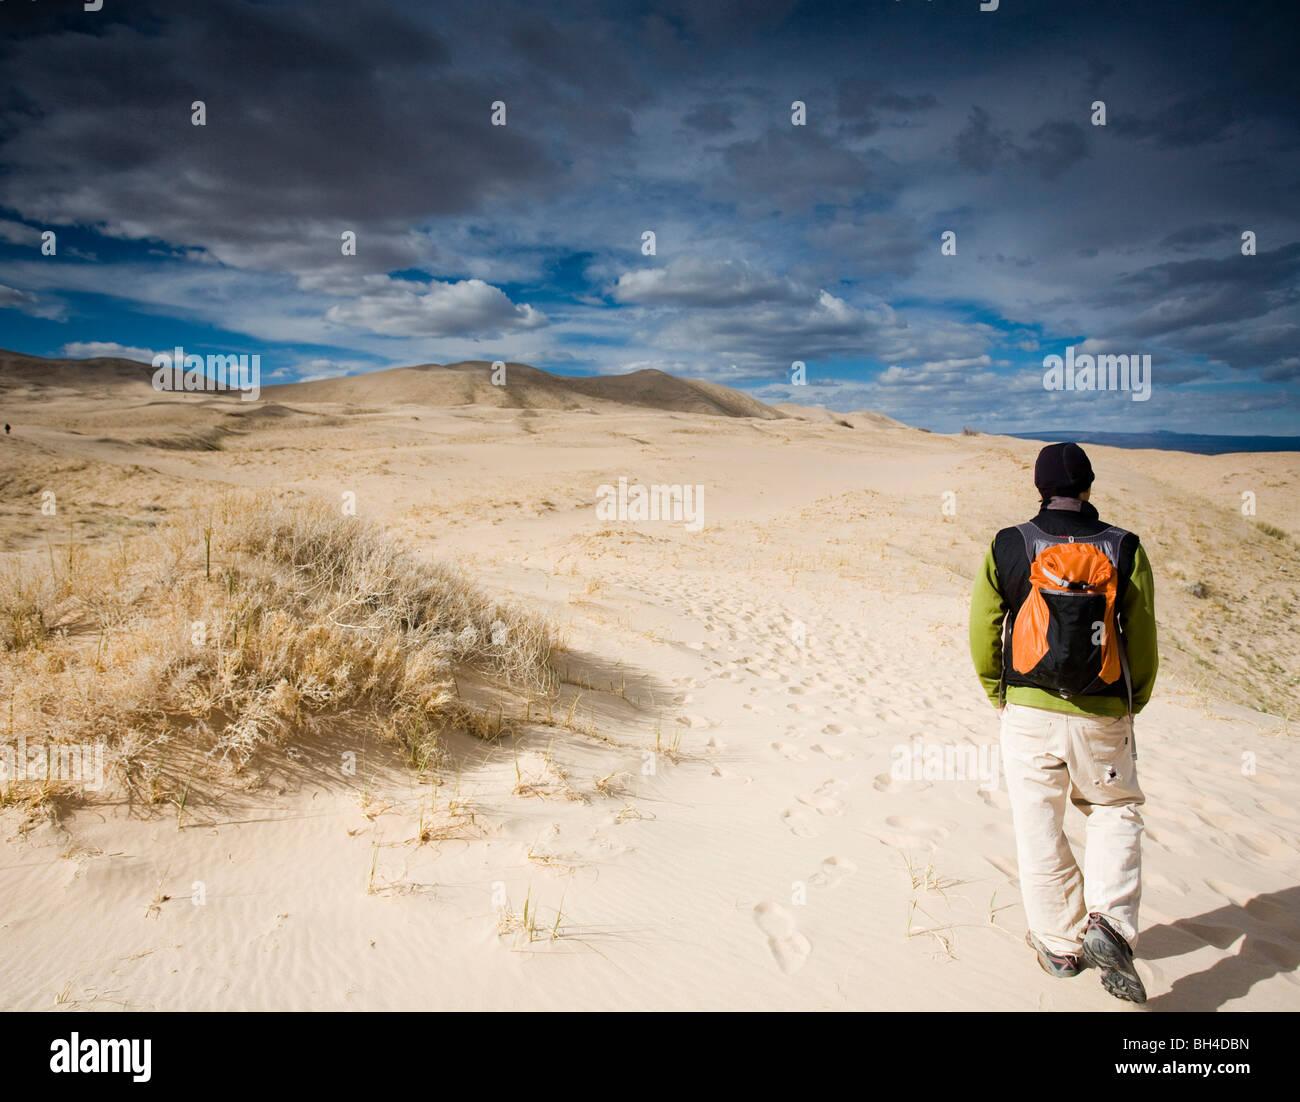 Un uomo cammina sul naturale dune di sabbia sotto un cielo nuvoloso nel deserto di Mojave, California. Immagini Stock